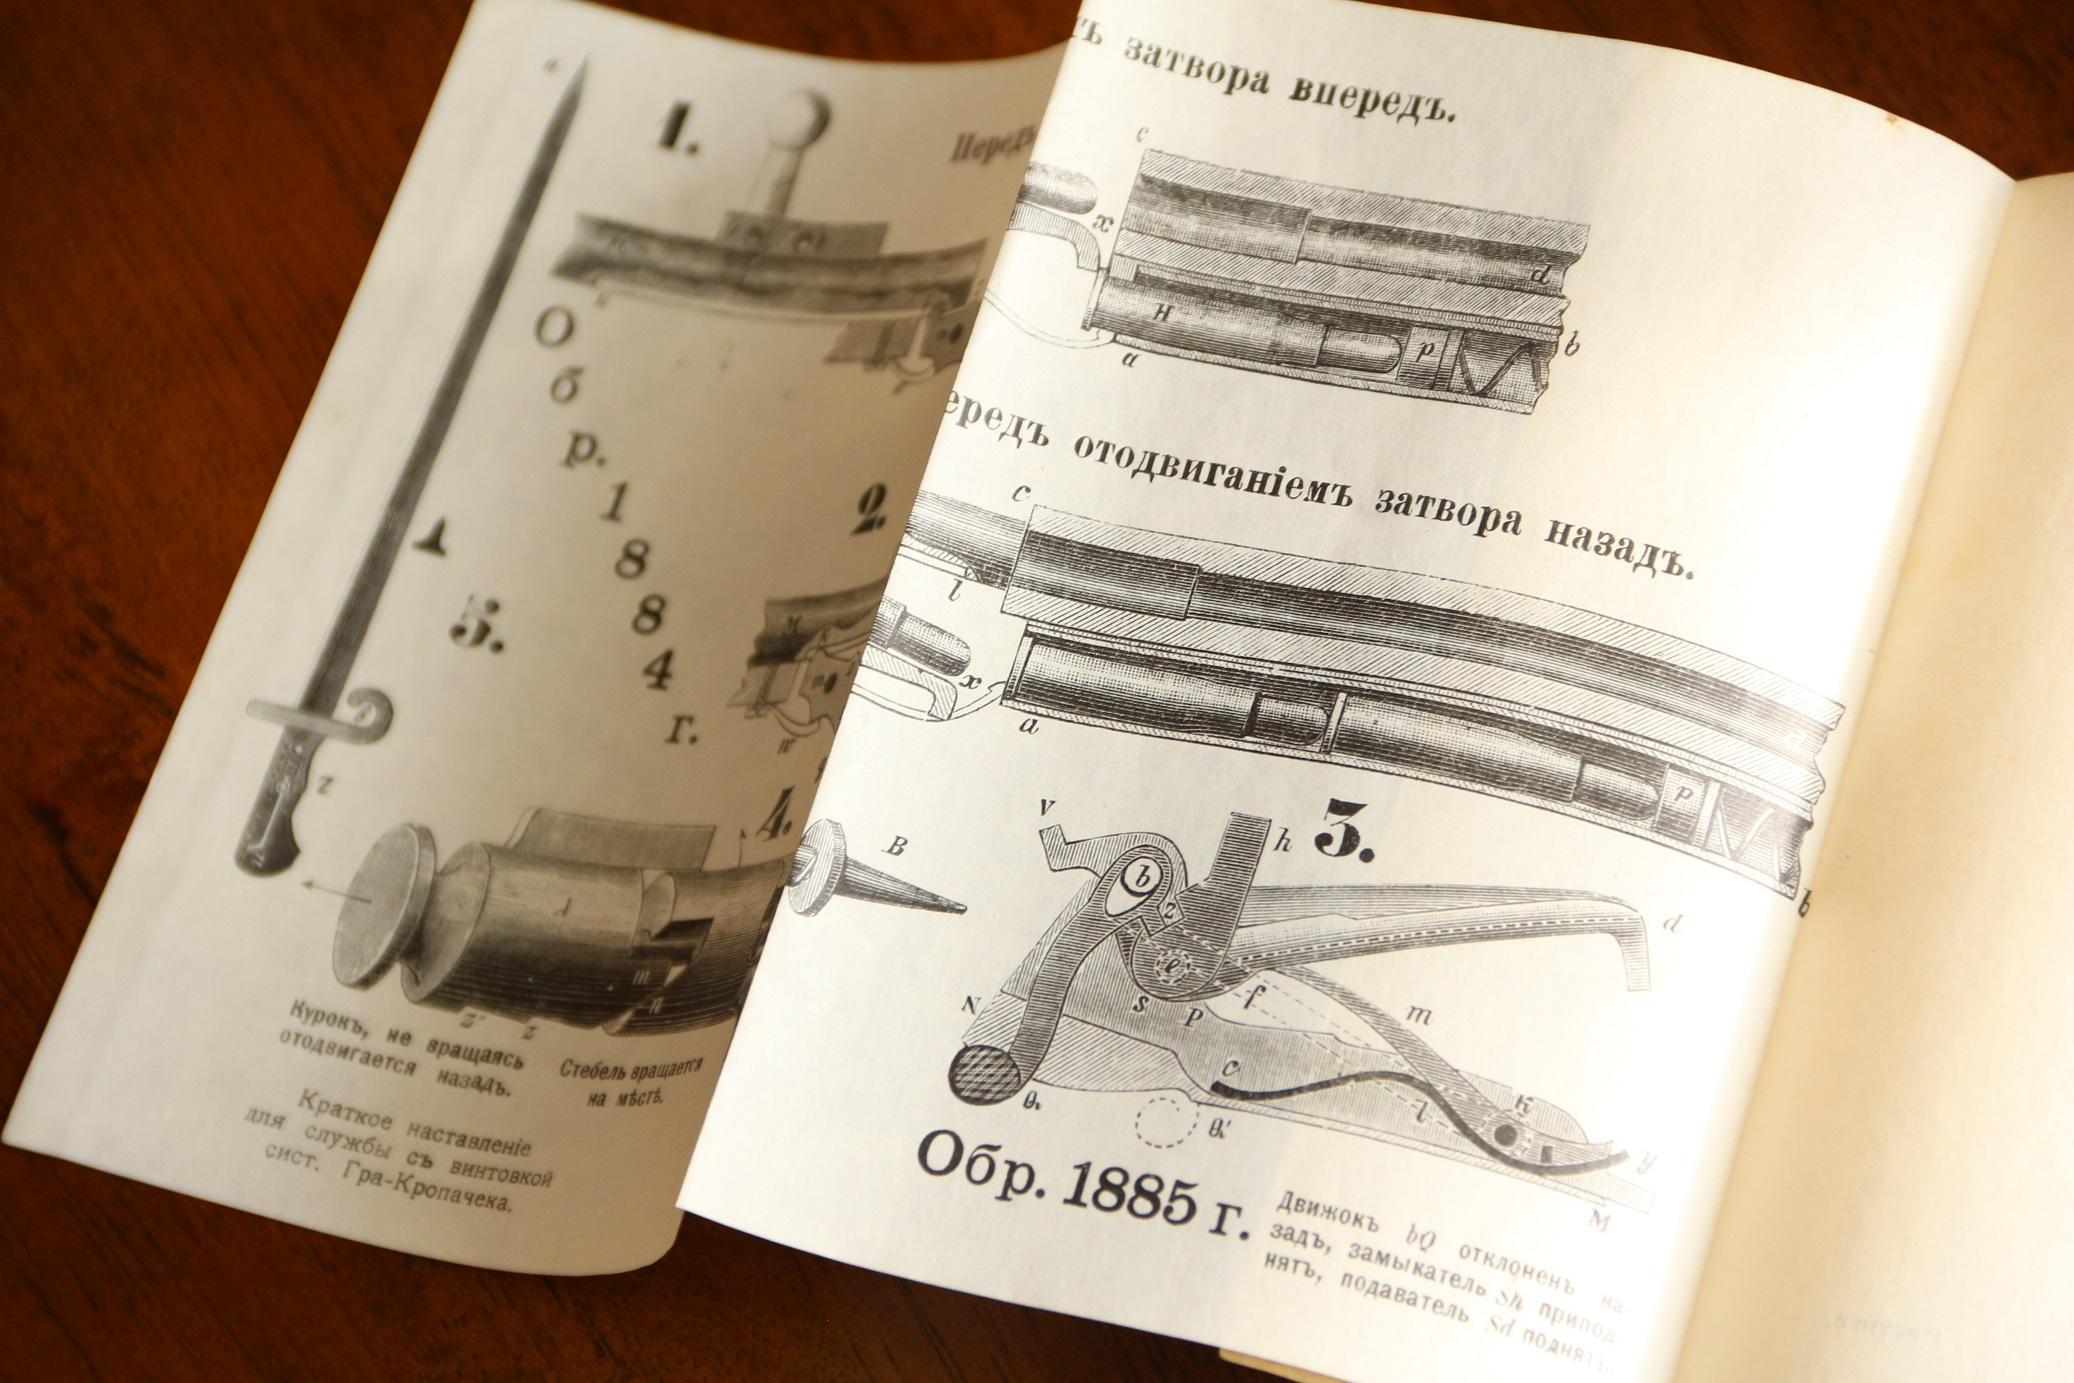 Краткое наставление для службы с винтовкой системы Гра-Кропачека, 1915 год